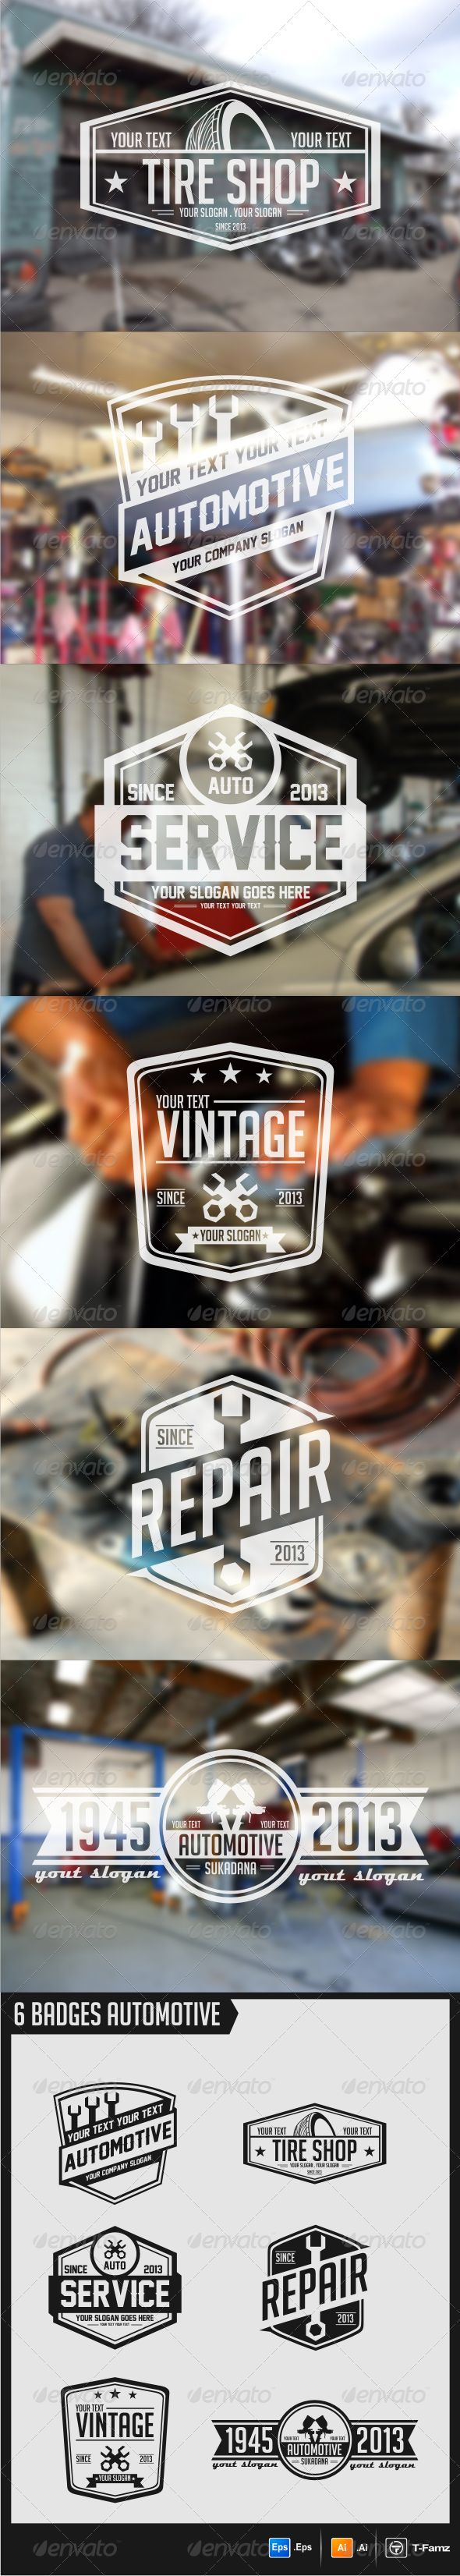 Automotive Badges  EPS Template • Get it now! ➝ https://graphicriver.net/item/automotive-badges/5703189?ref=pxcr